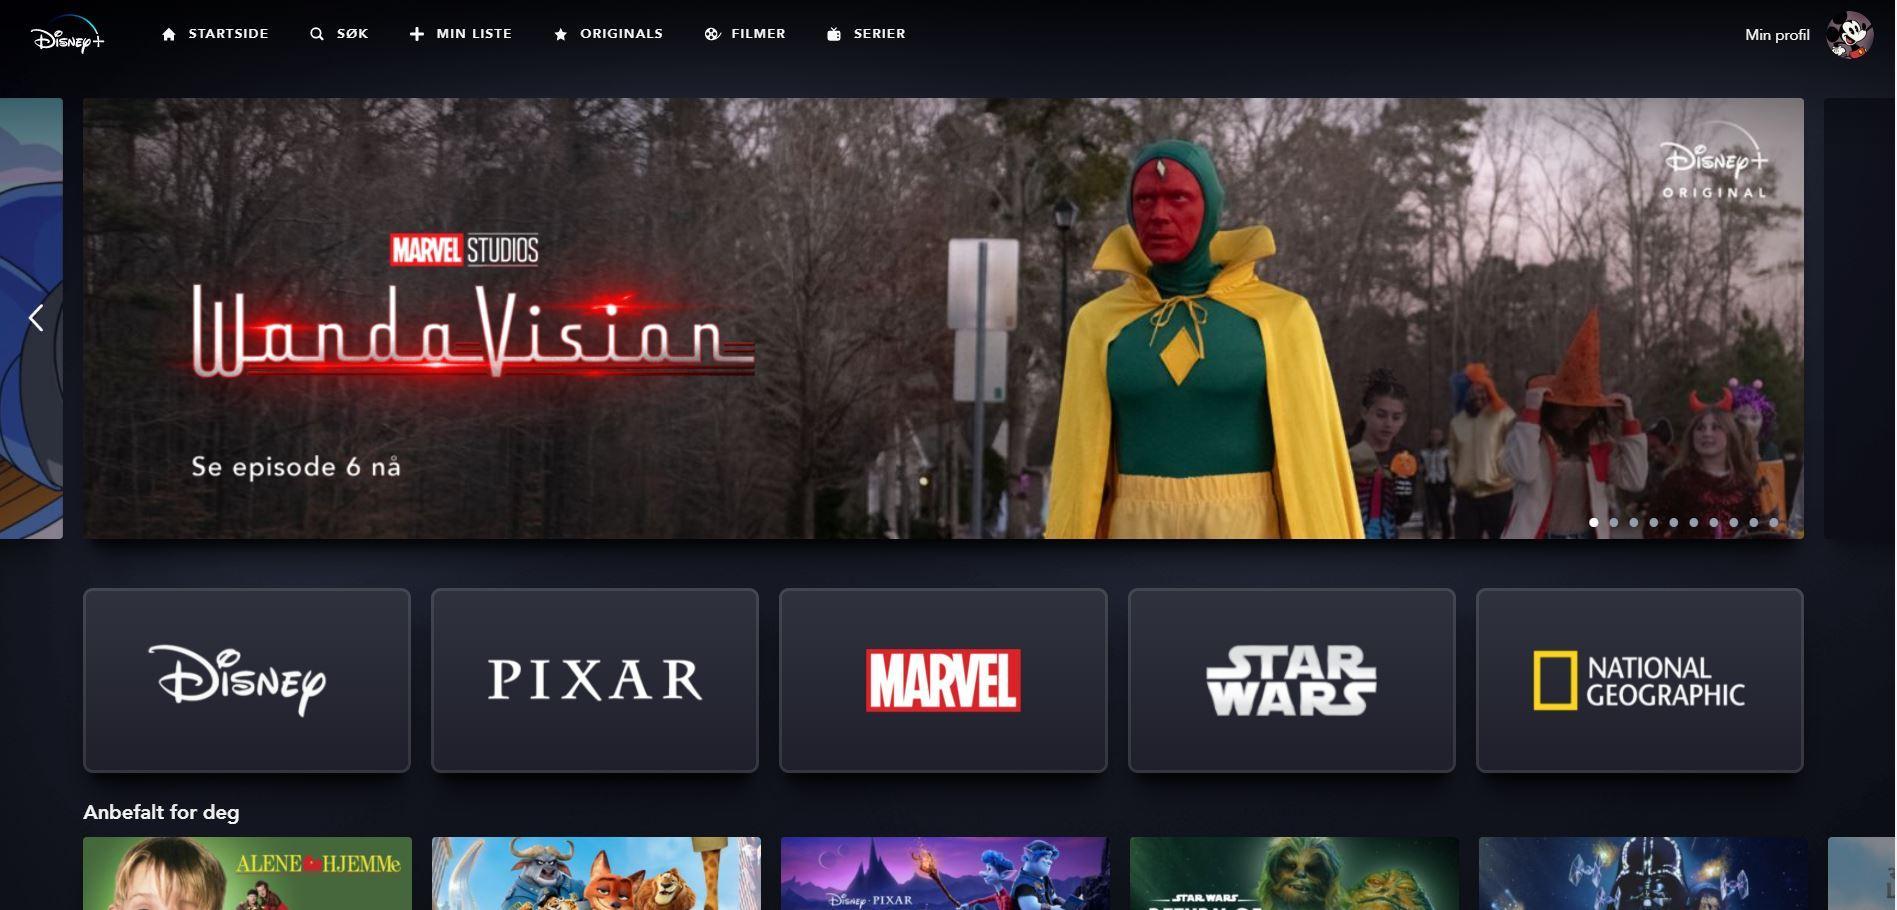 Disney+ stormer frem og nærmer seg 100 millioner brukere